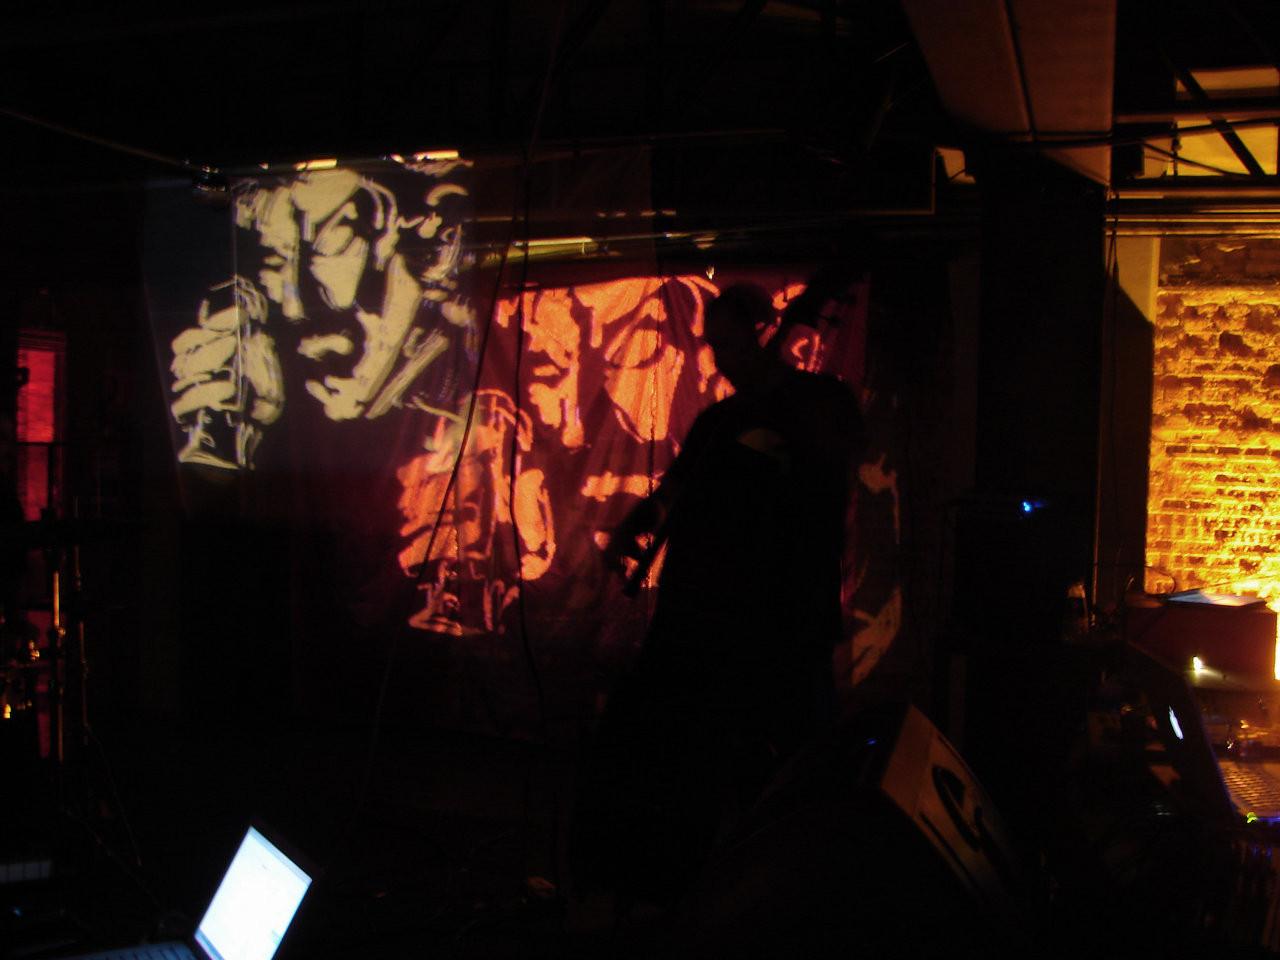 Digital Live Painting - Improvisado #43 - Casa das Caldeiras 2010